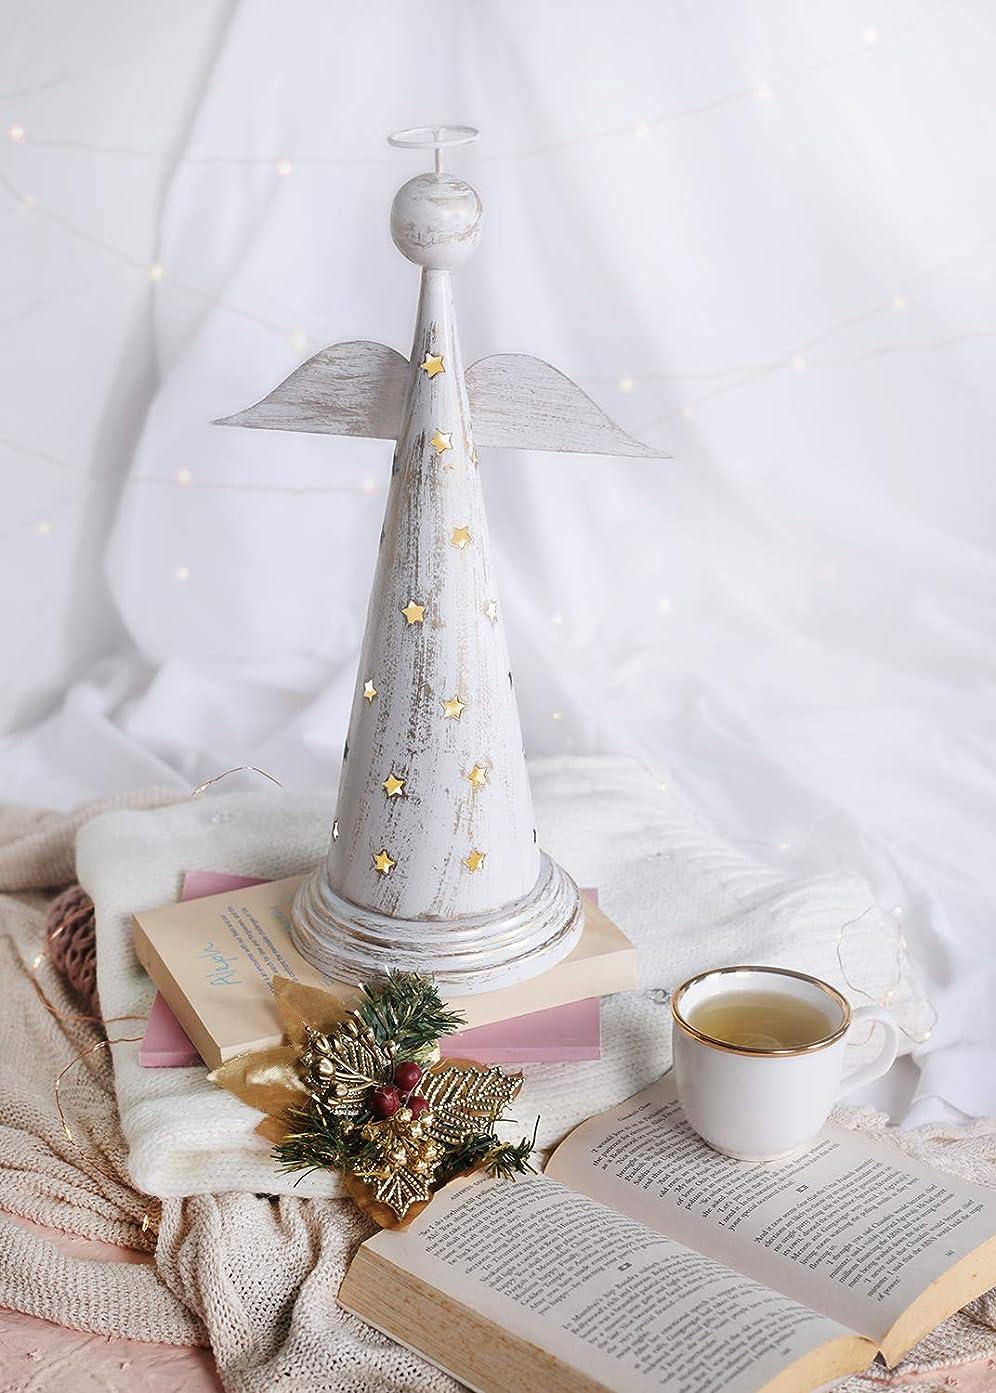 コンテンポラリー分割遮るstoreindya 感謝祭ギフト 天使の形をした金属製お香塔 クリスマス ホームデコレーション アクセサリーオーナメント 新築祝いのギフトに最適